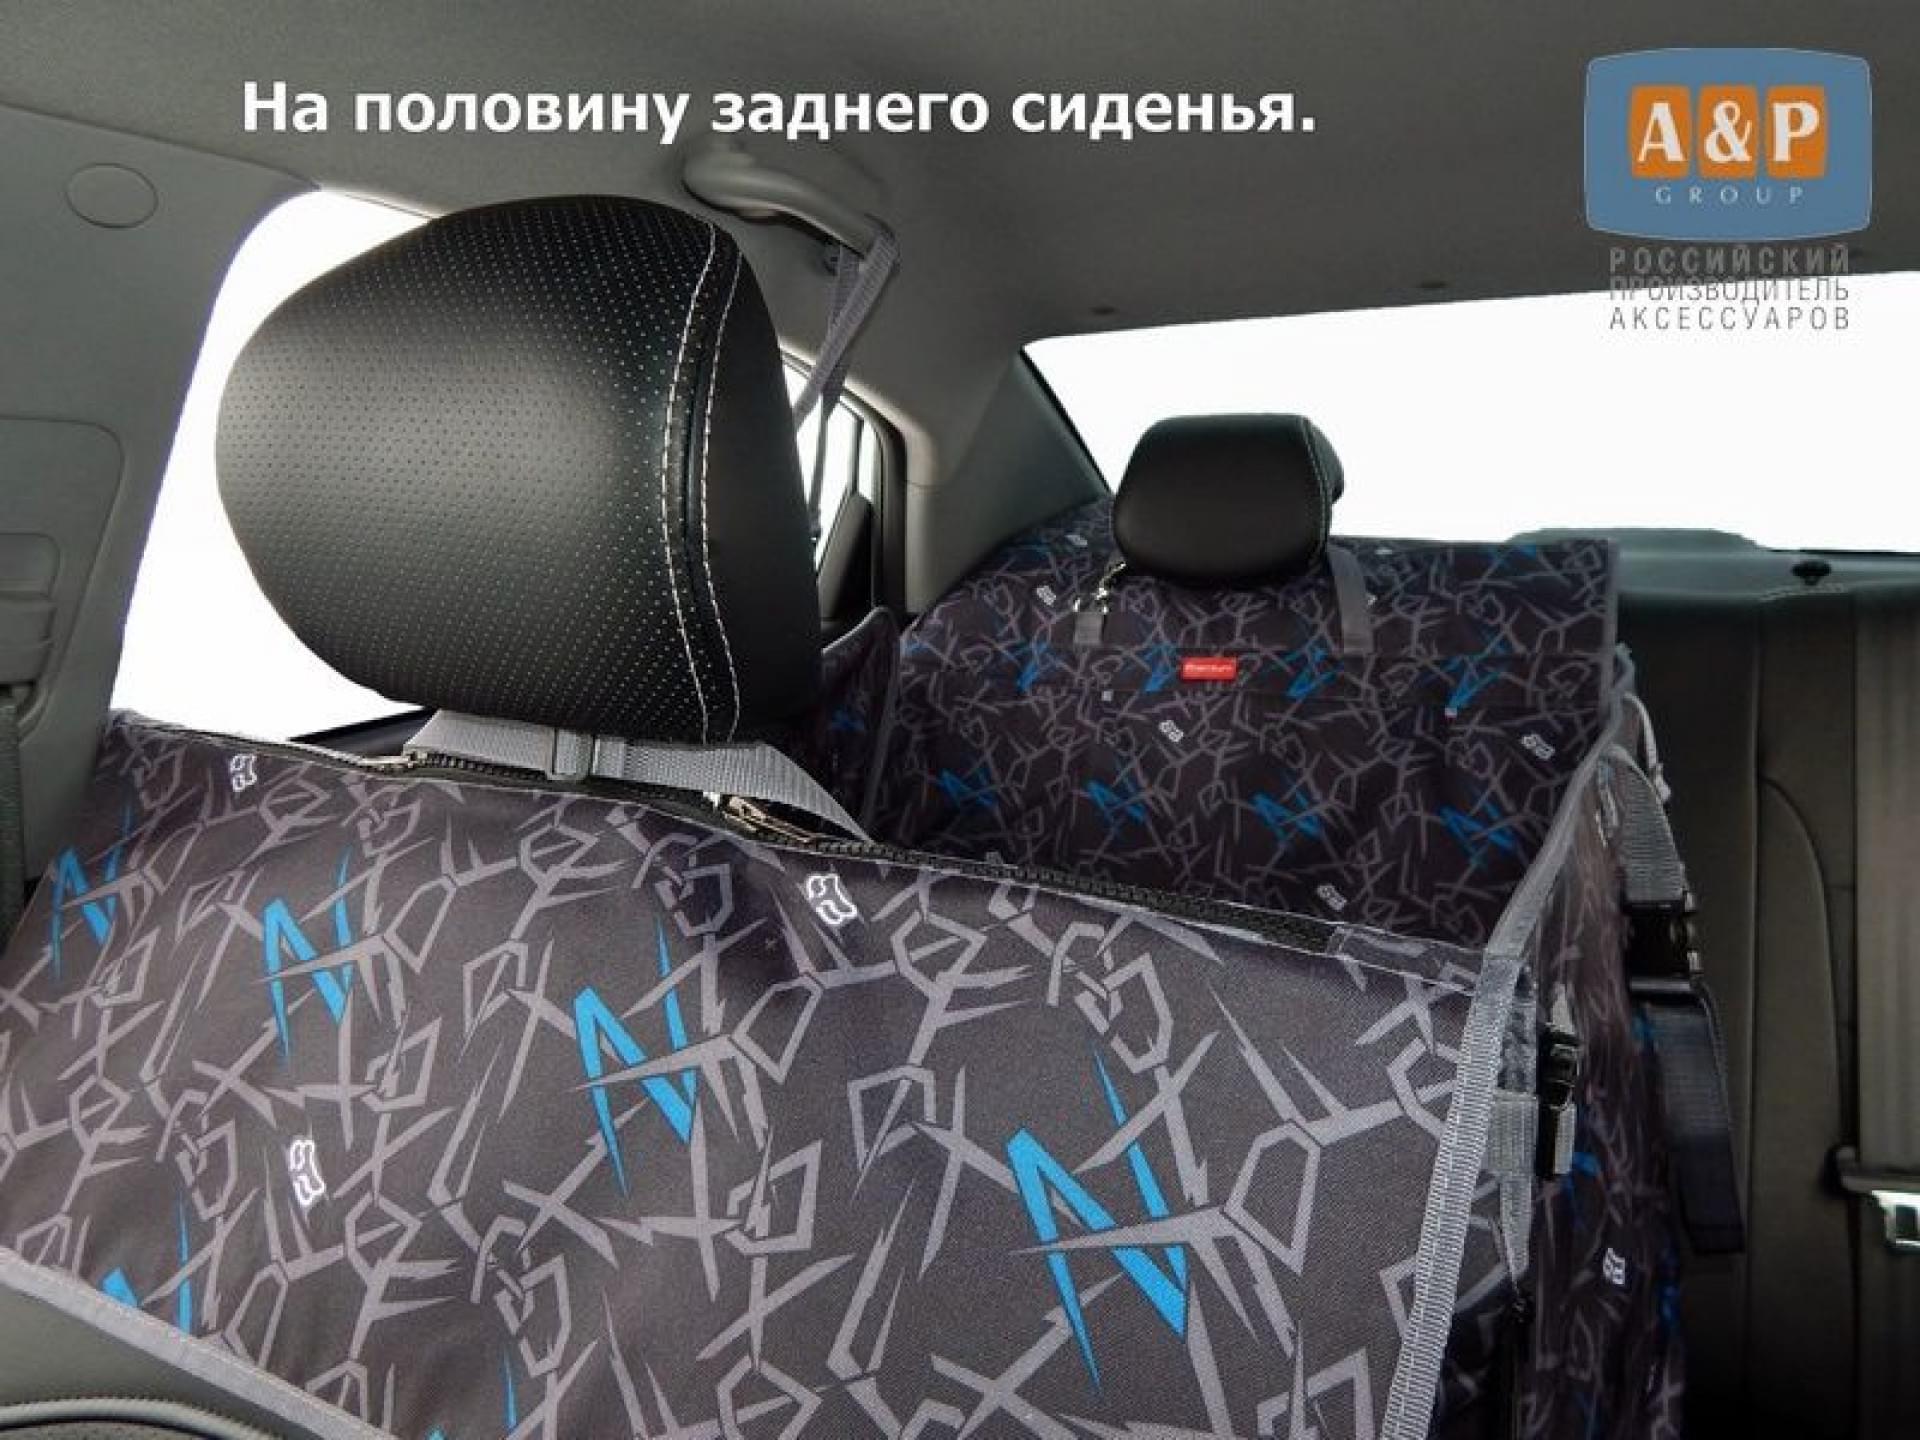 Автогамак для перевозки собак Happy Dog Premium (Хэппи Дог Премиум). На половину заднего сиденья.